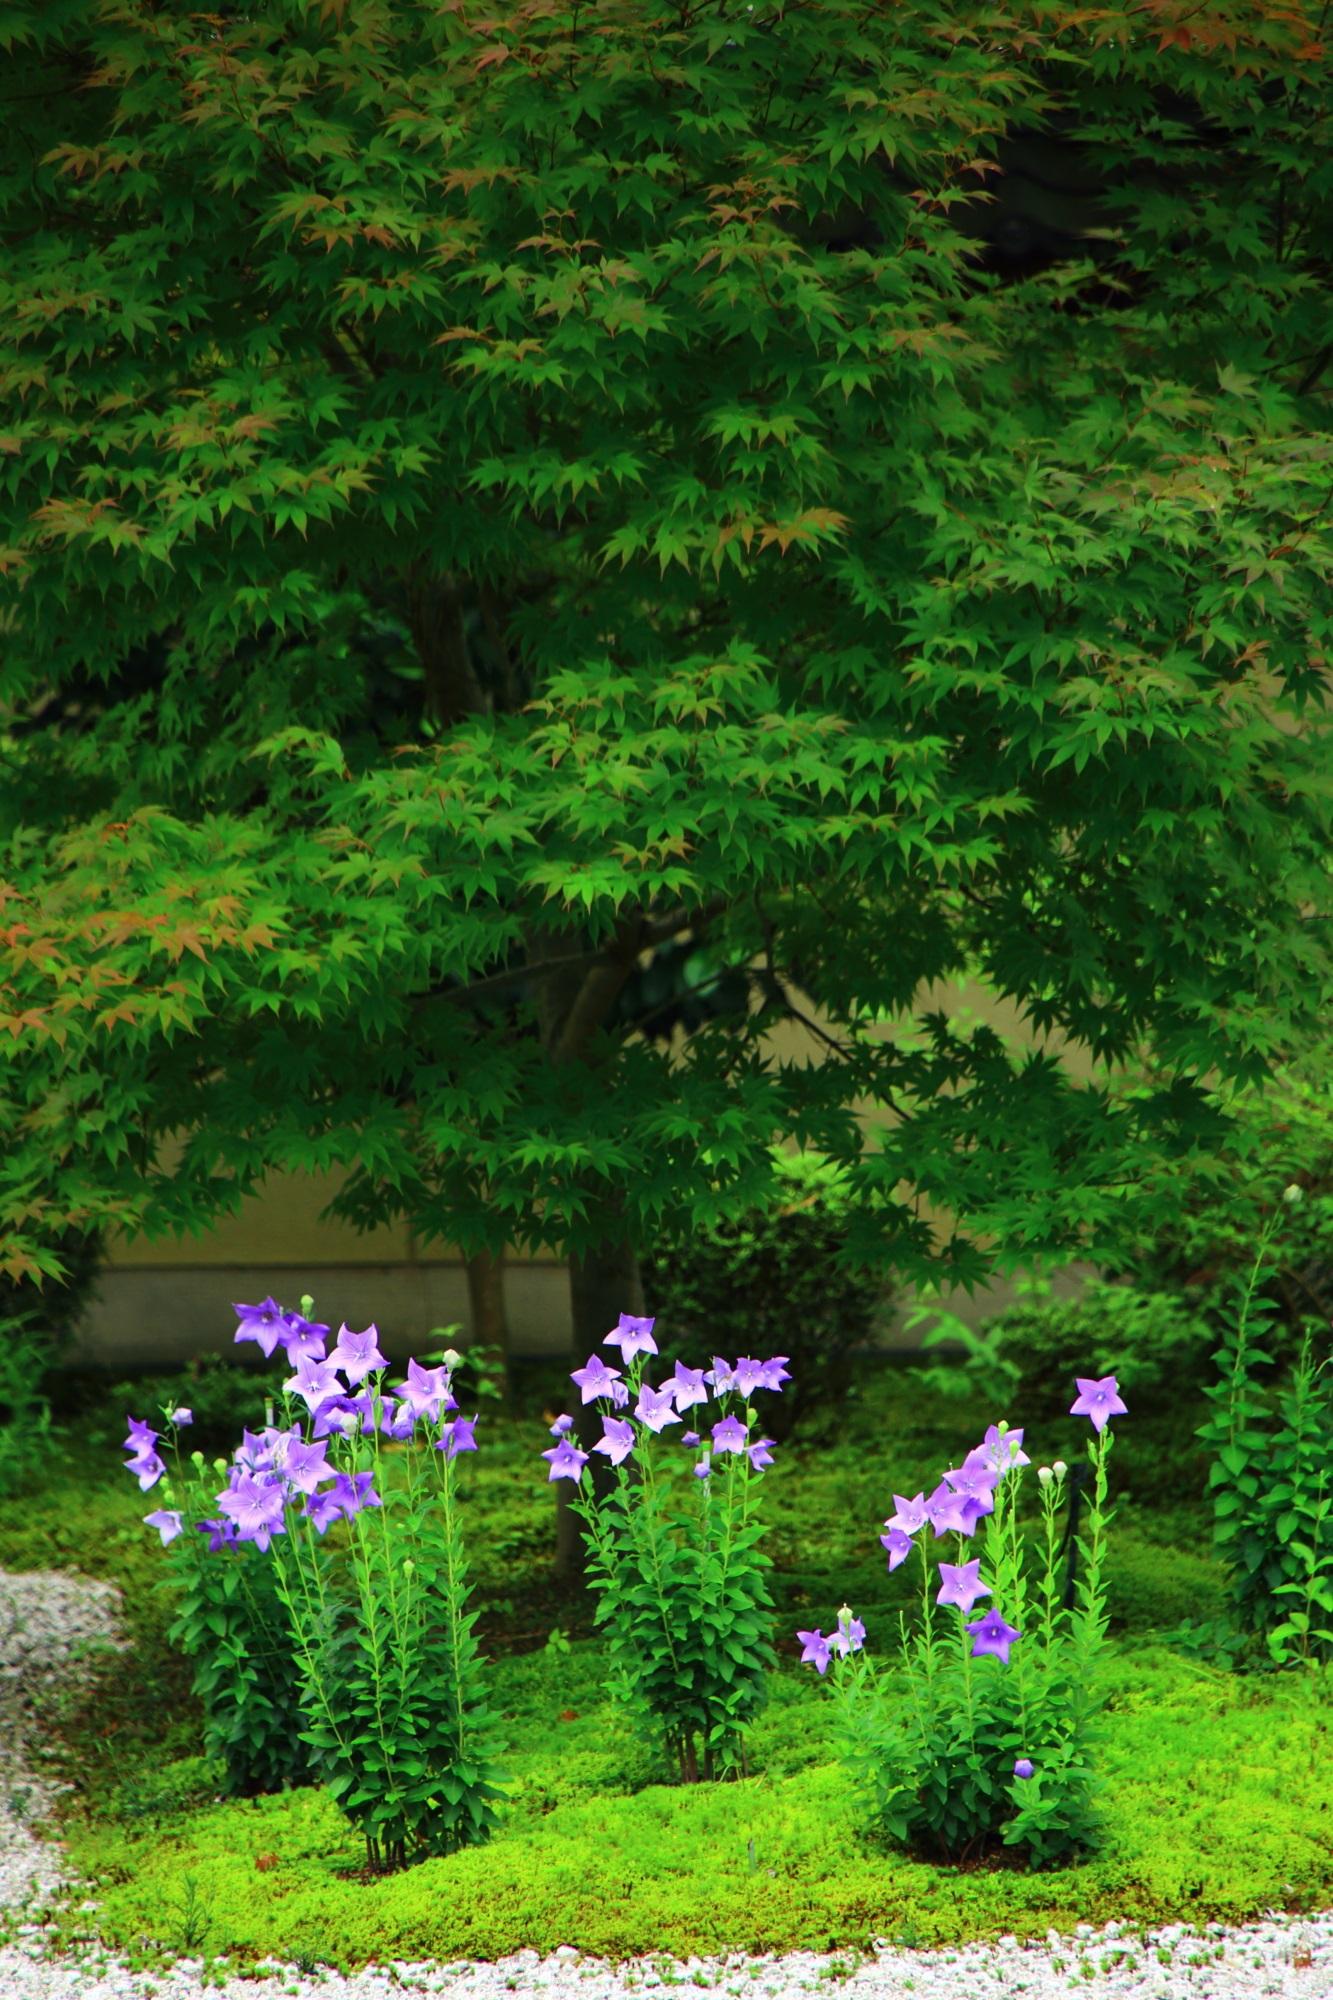 廬山寺の圧巻の青もみじとその下で華やぐ桔梗の花